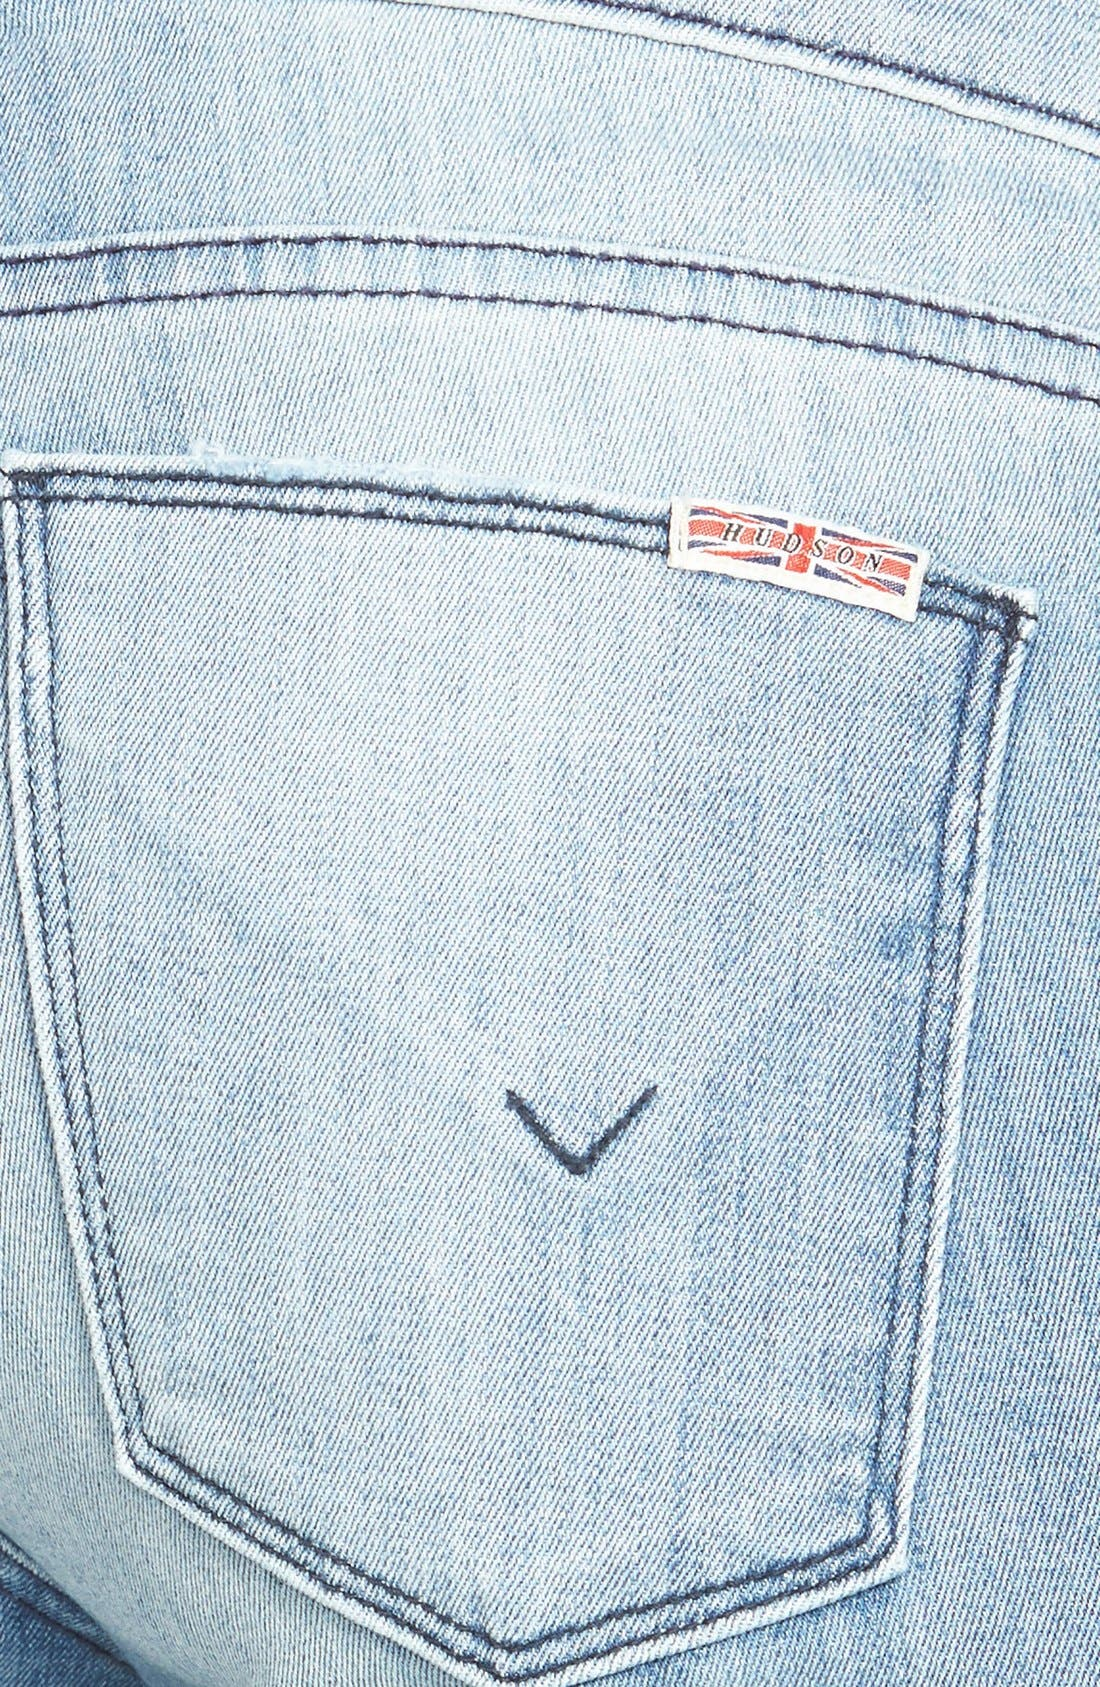 Alternate Image 3  - Hudson Jeans 'Krista' Super Skinny Jeans (Seized)